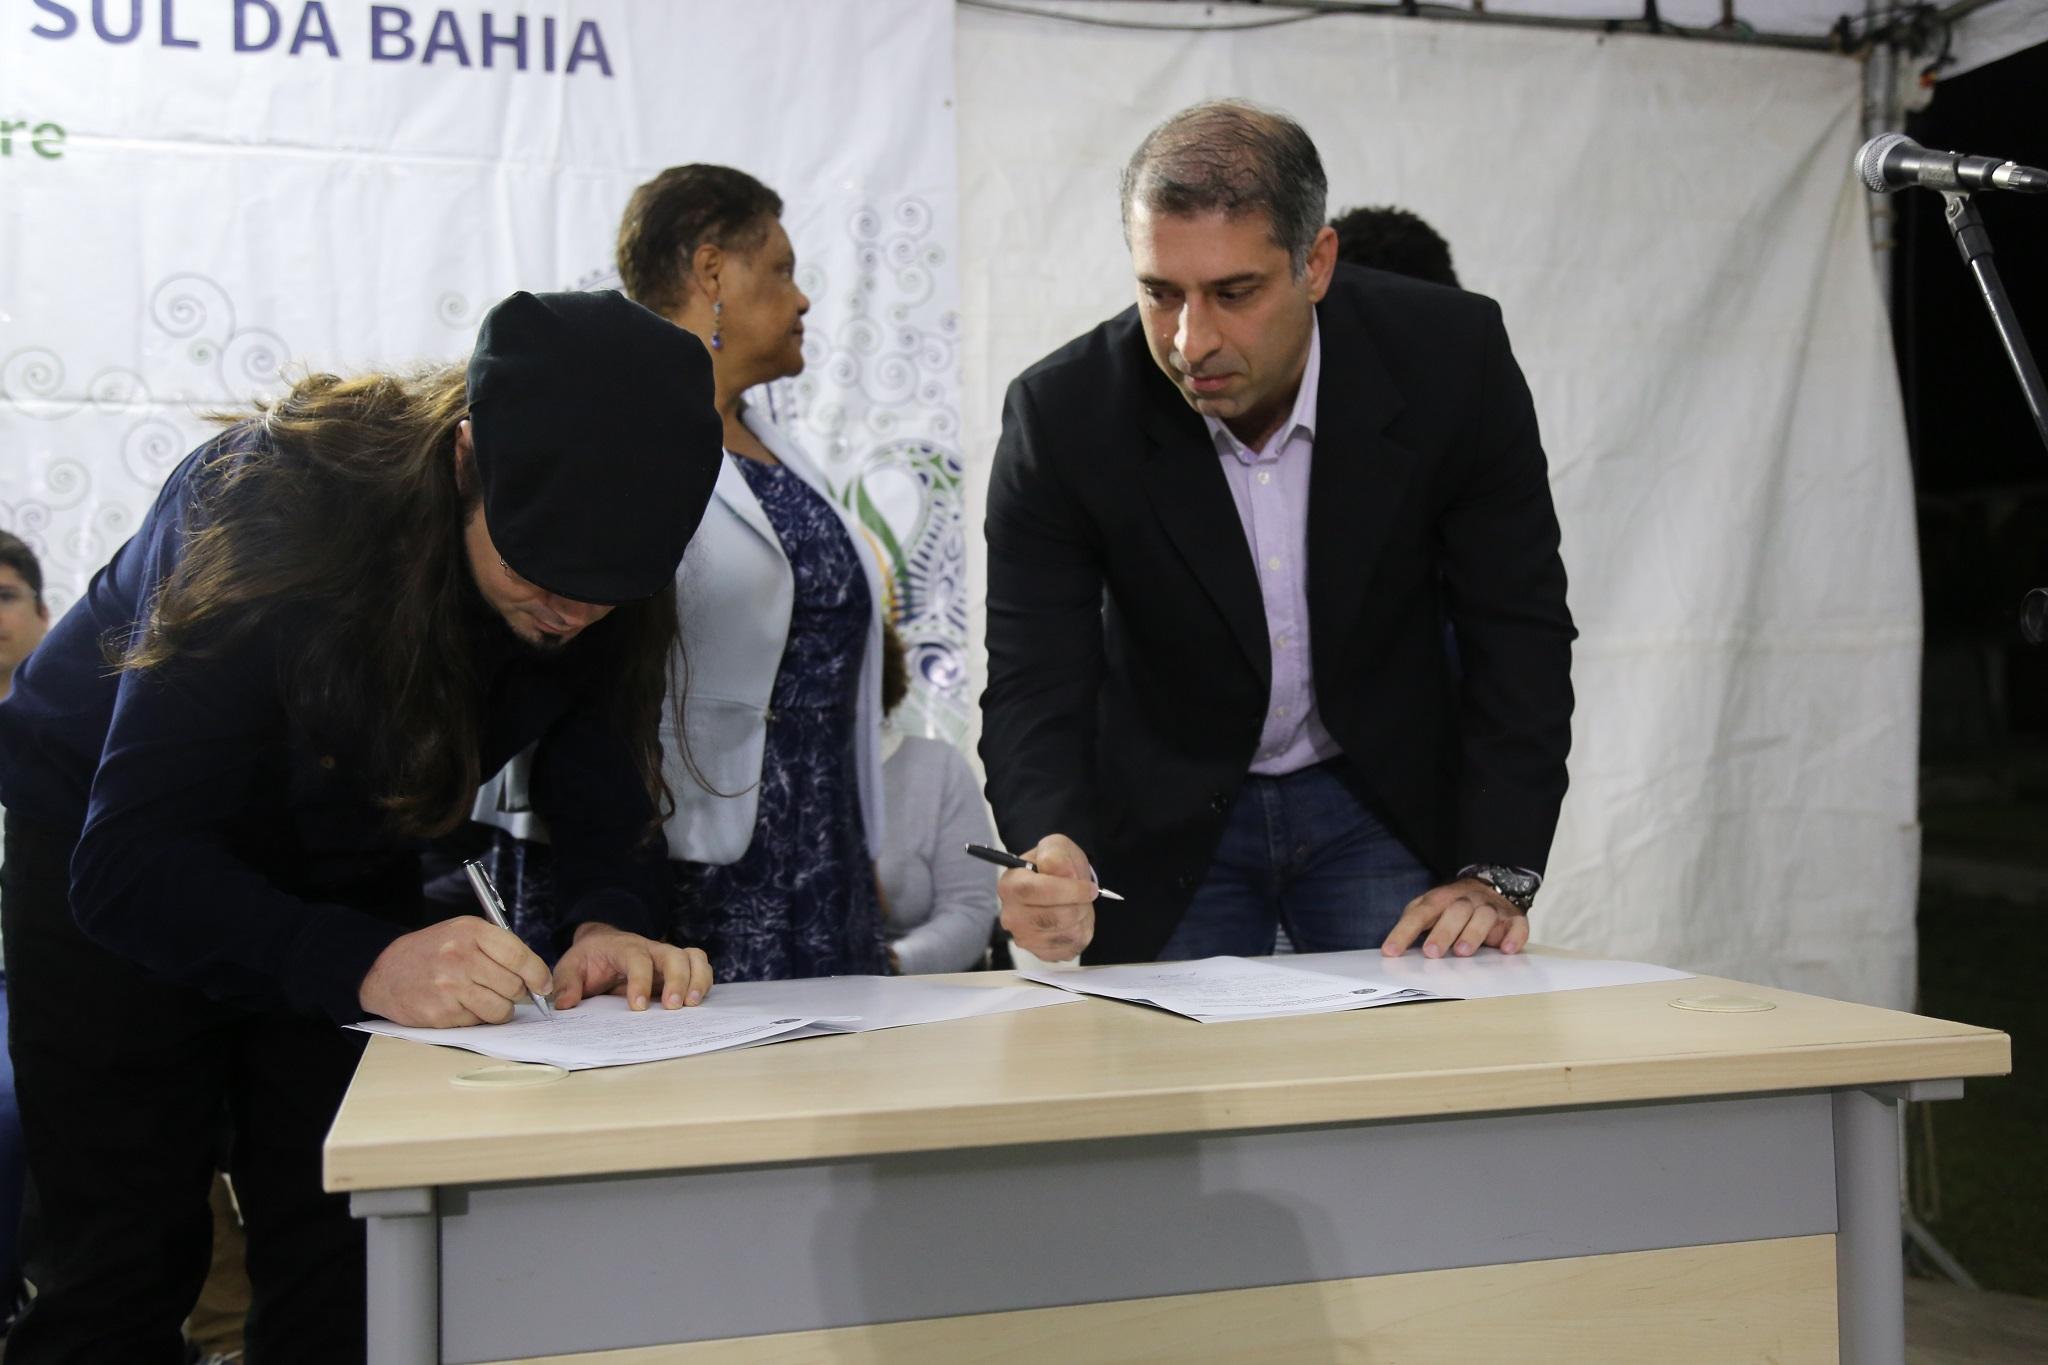 Os termos de posse foram assinados pelos novos gestores do IHAC